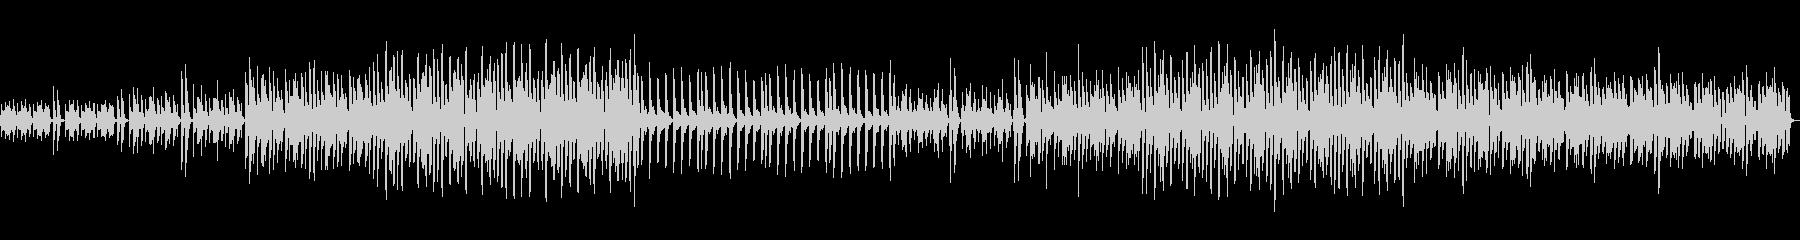 可愛い不思議な変速ビートの電子ピアノの曲の未再生の波形